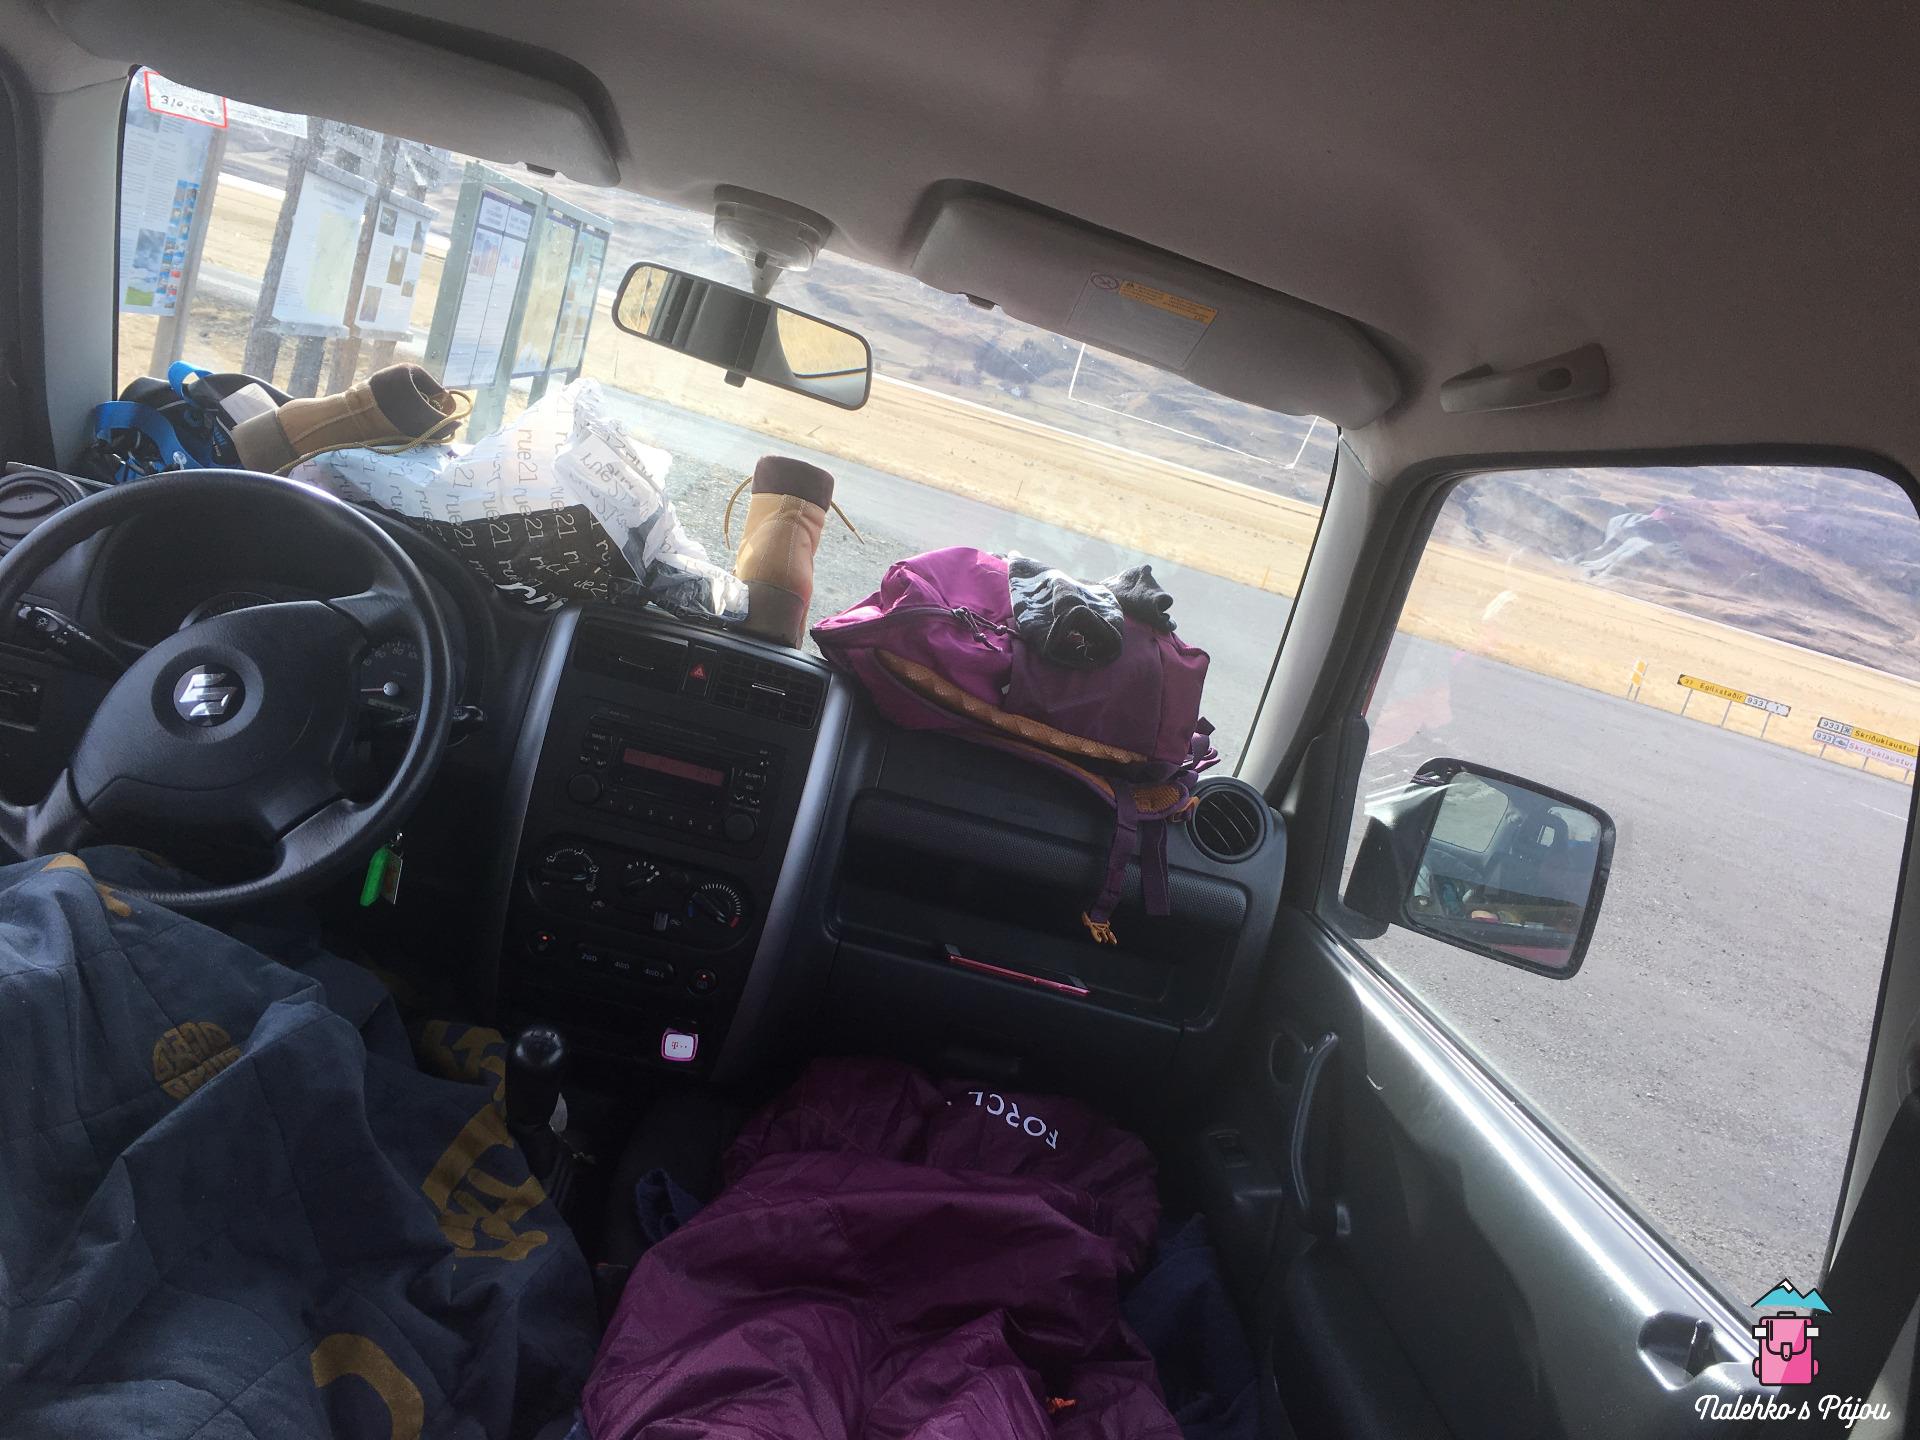 Není jednoduchý v takhle malém autě udržet pořádek